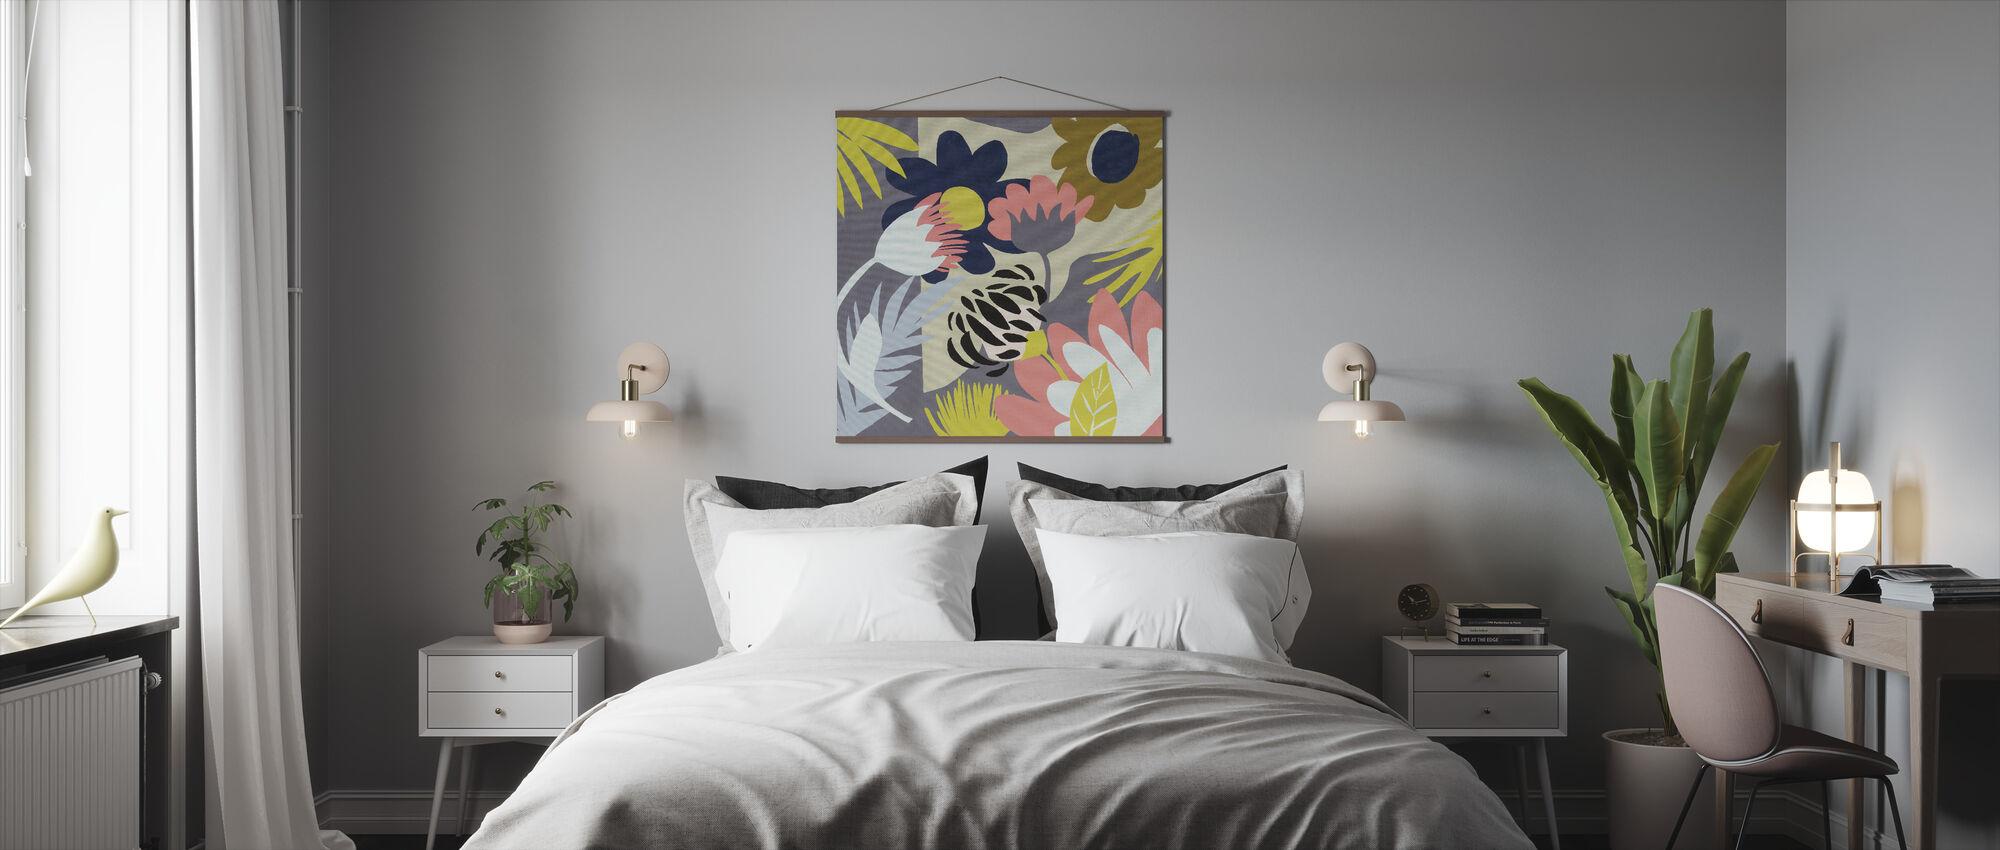 Groovy Garden - Poster - Bedroom